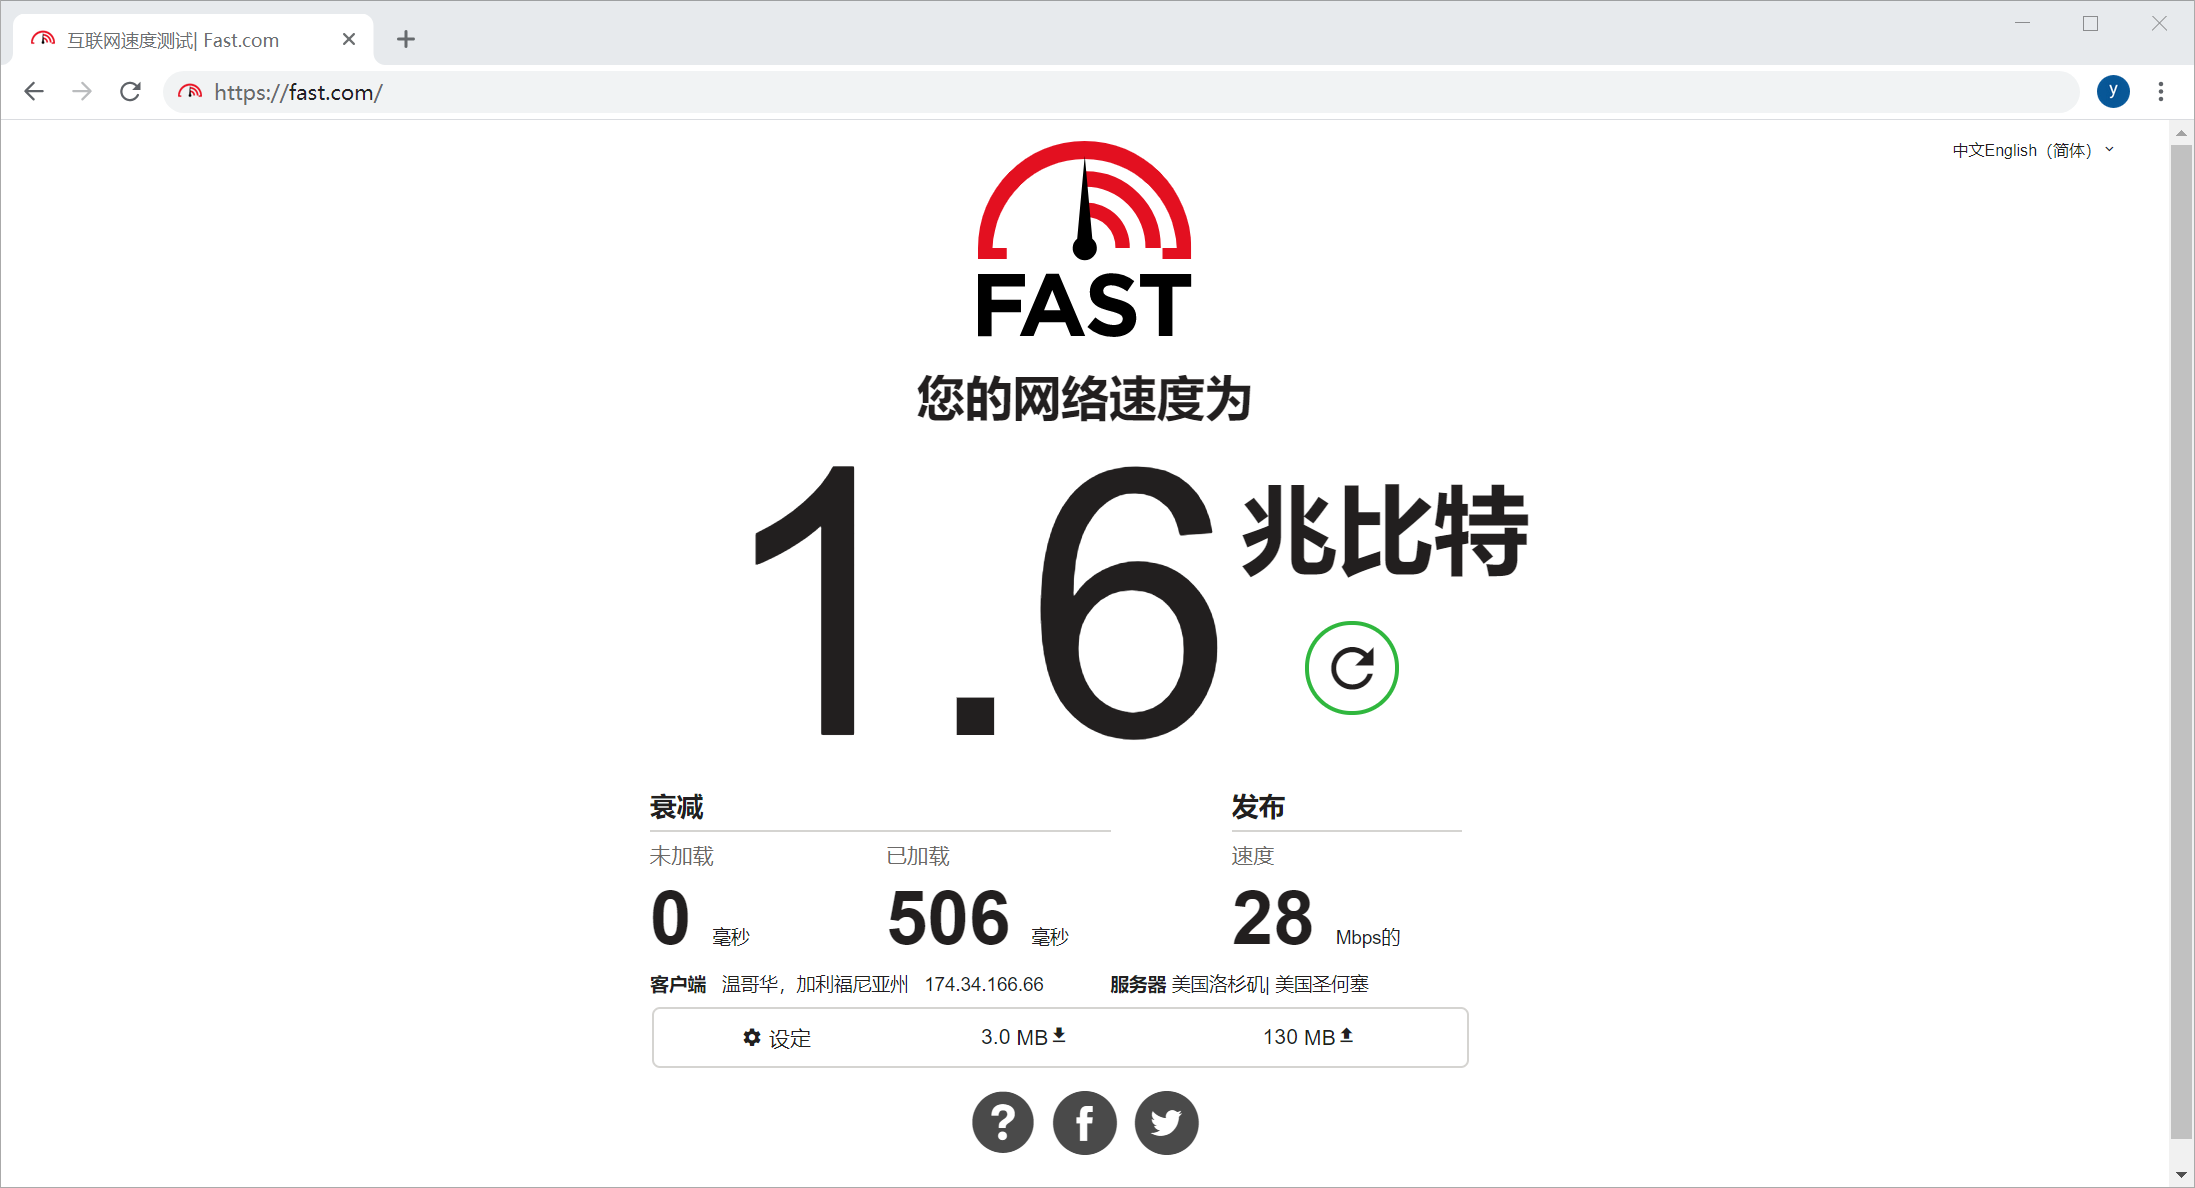 Fast 互联网速度测试